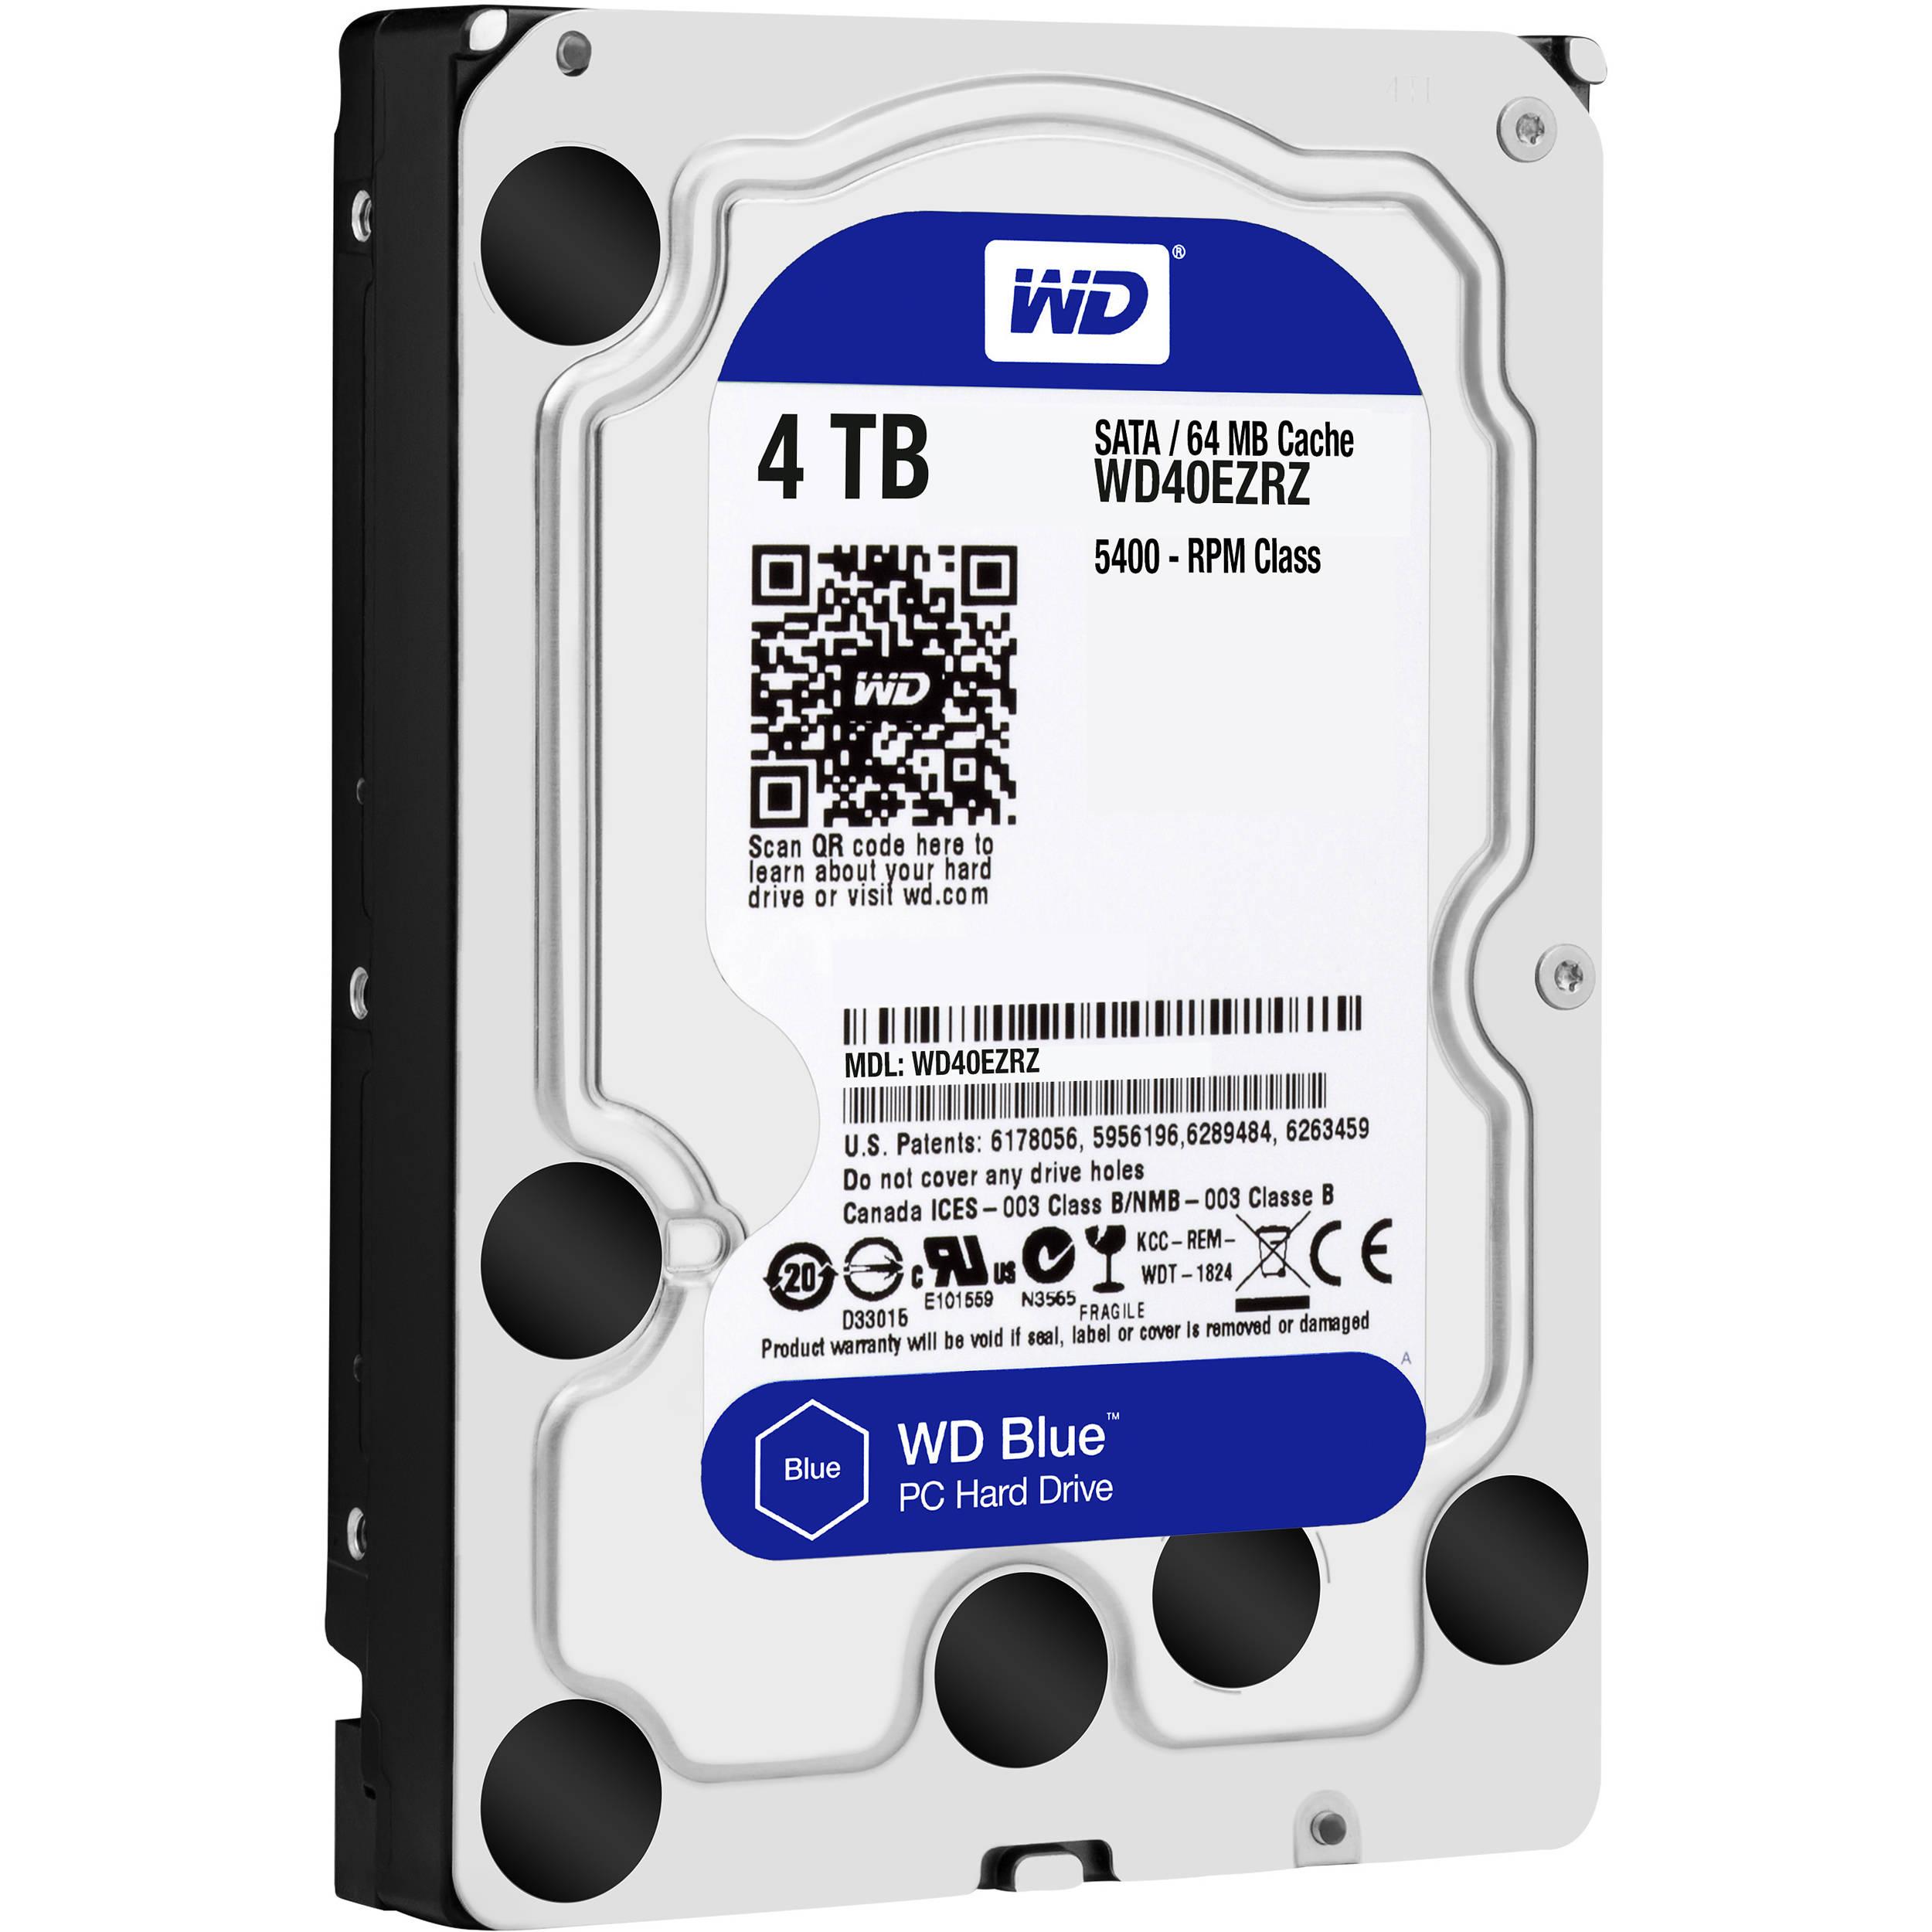 """Disque dur interne 3.5"""" Western Digital WD Blue - 4 To (WD40EZRZ) + 12.84€ en SuperPoints [91.12€ avec le code AVRIL15]"""